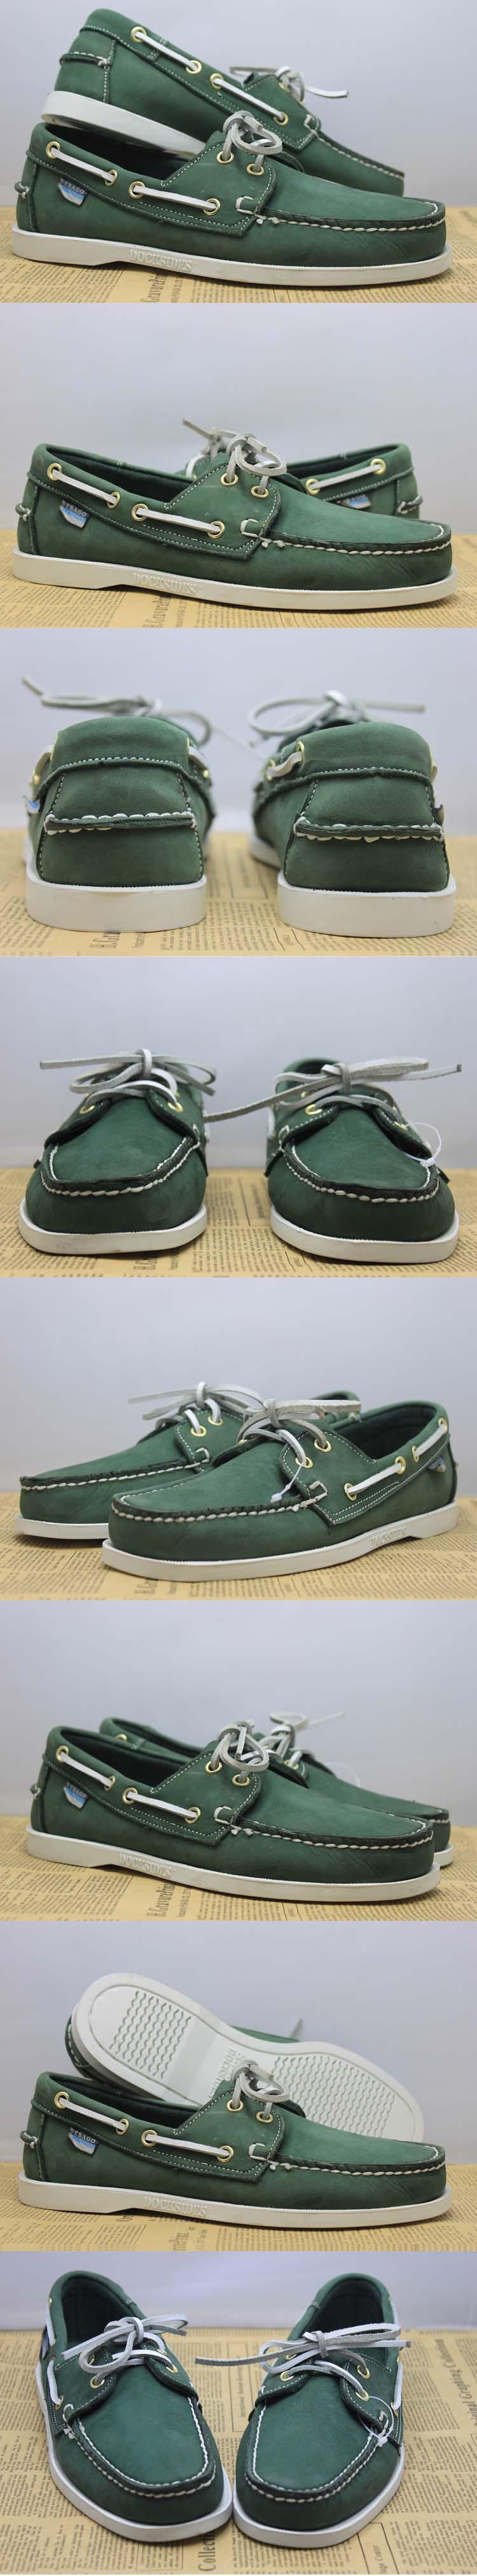 мужчины lanka обуви осень стиль супер комфортно дышать свободно Elena pasta